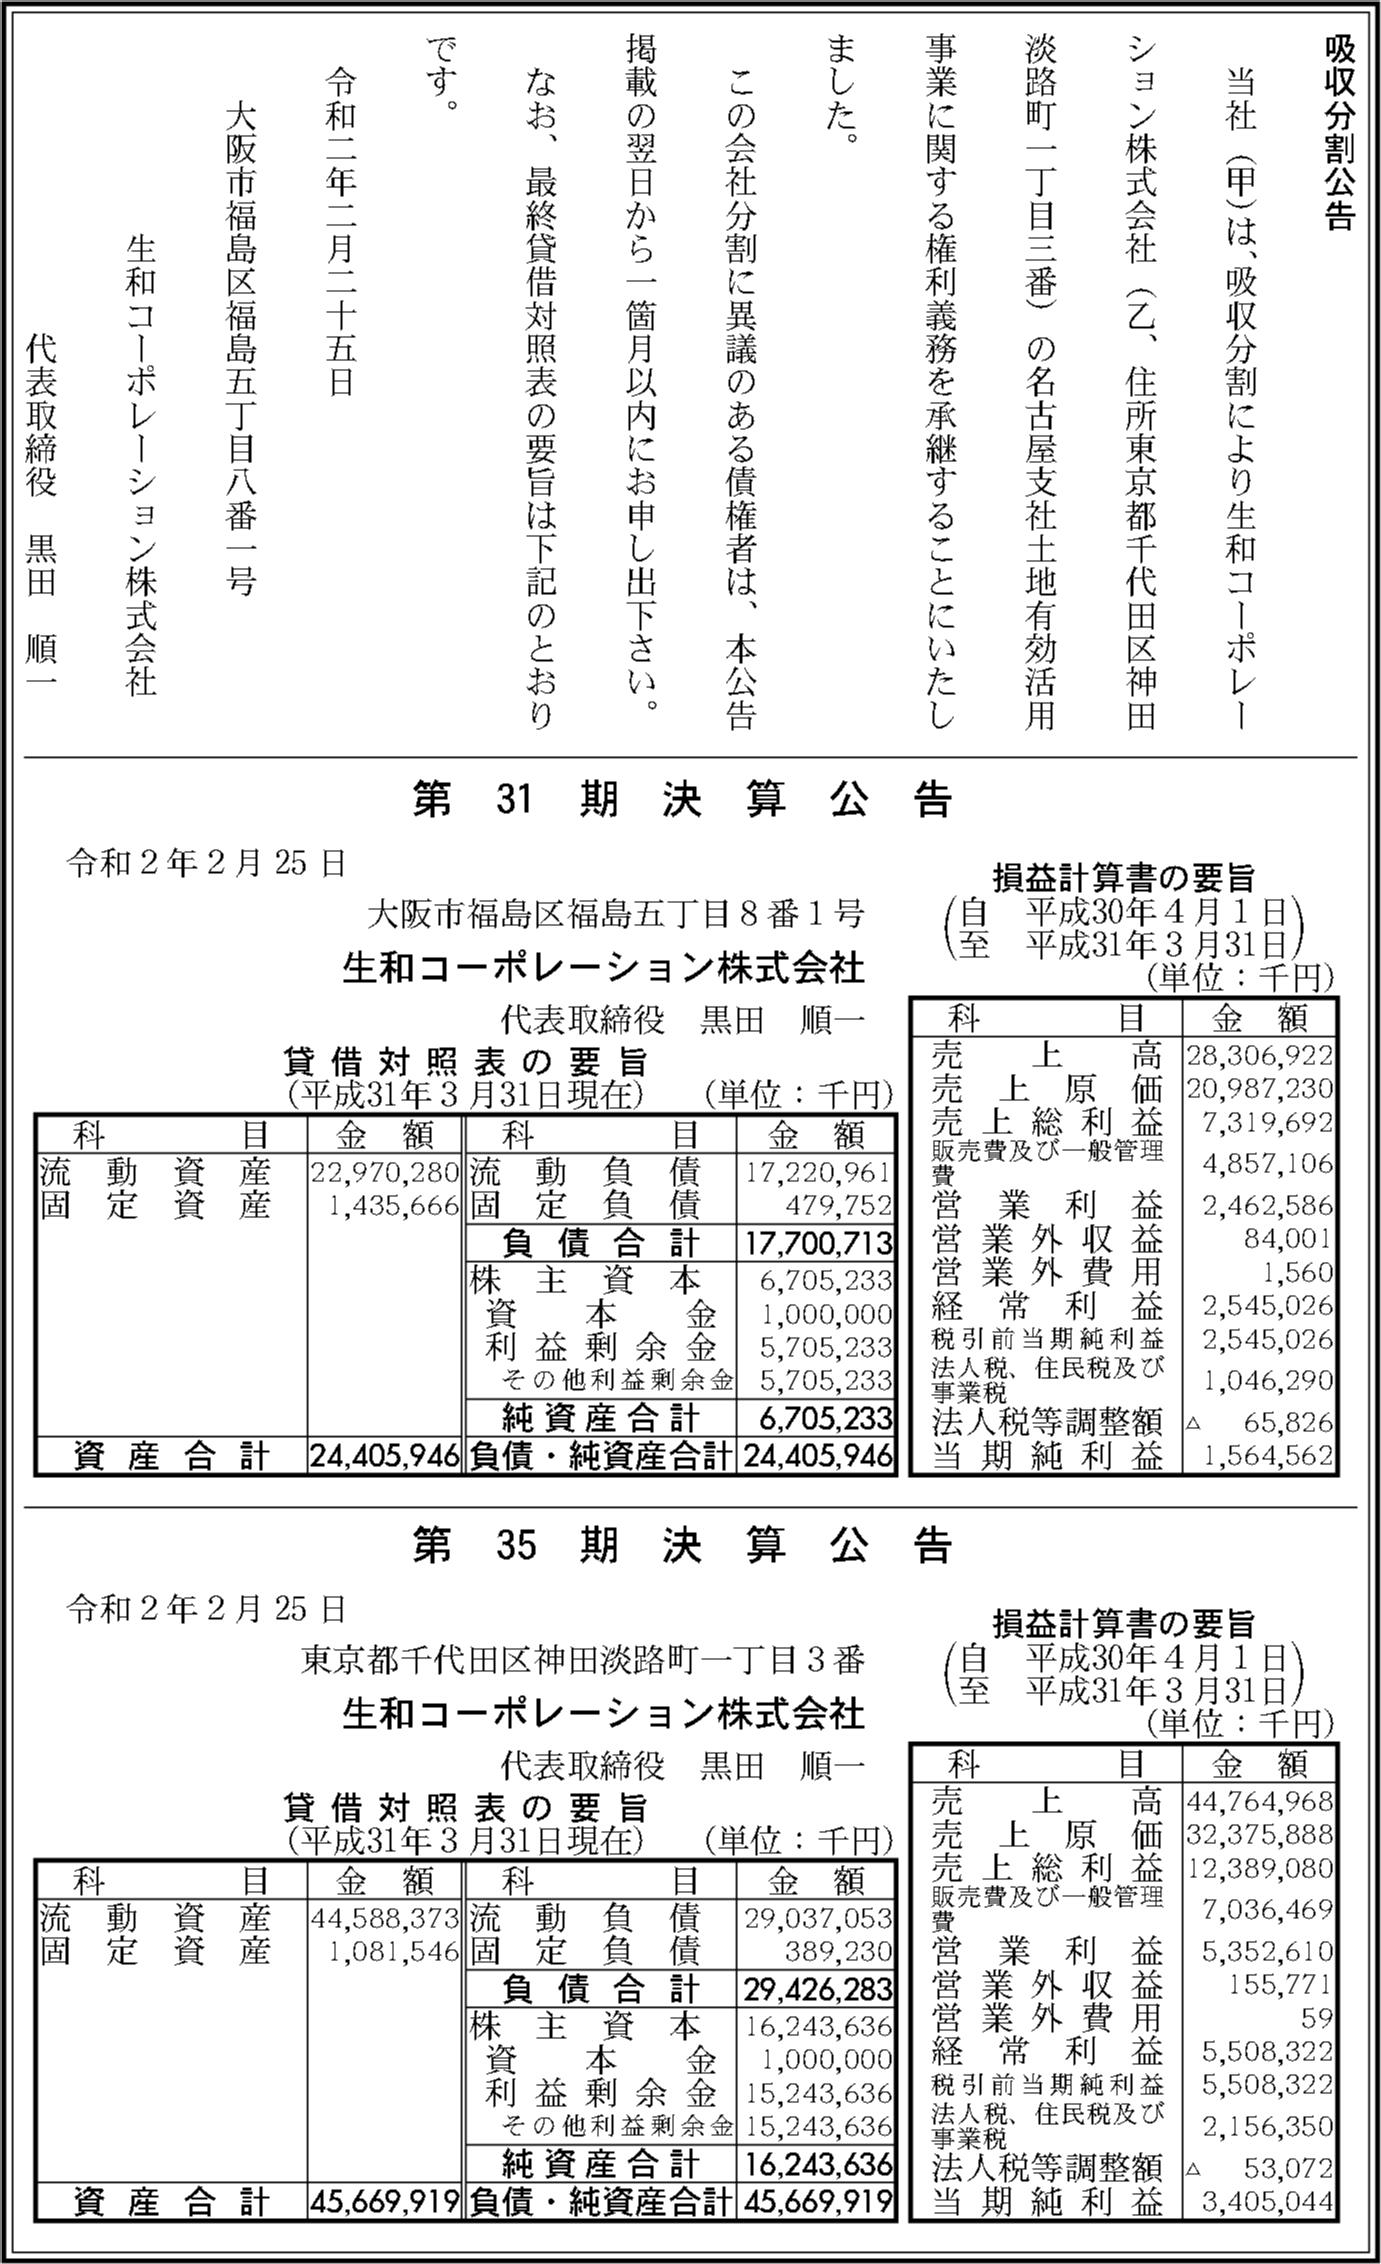 0094 a770c02f0ce8e7fedba07f8148db0fb99397d58aad7bab17815dcba462f42ca7665917ab8e9ae1dba8019cfc28f8af12eb4da89e527707eb1deb6558dd532e24 03